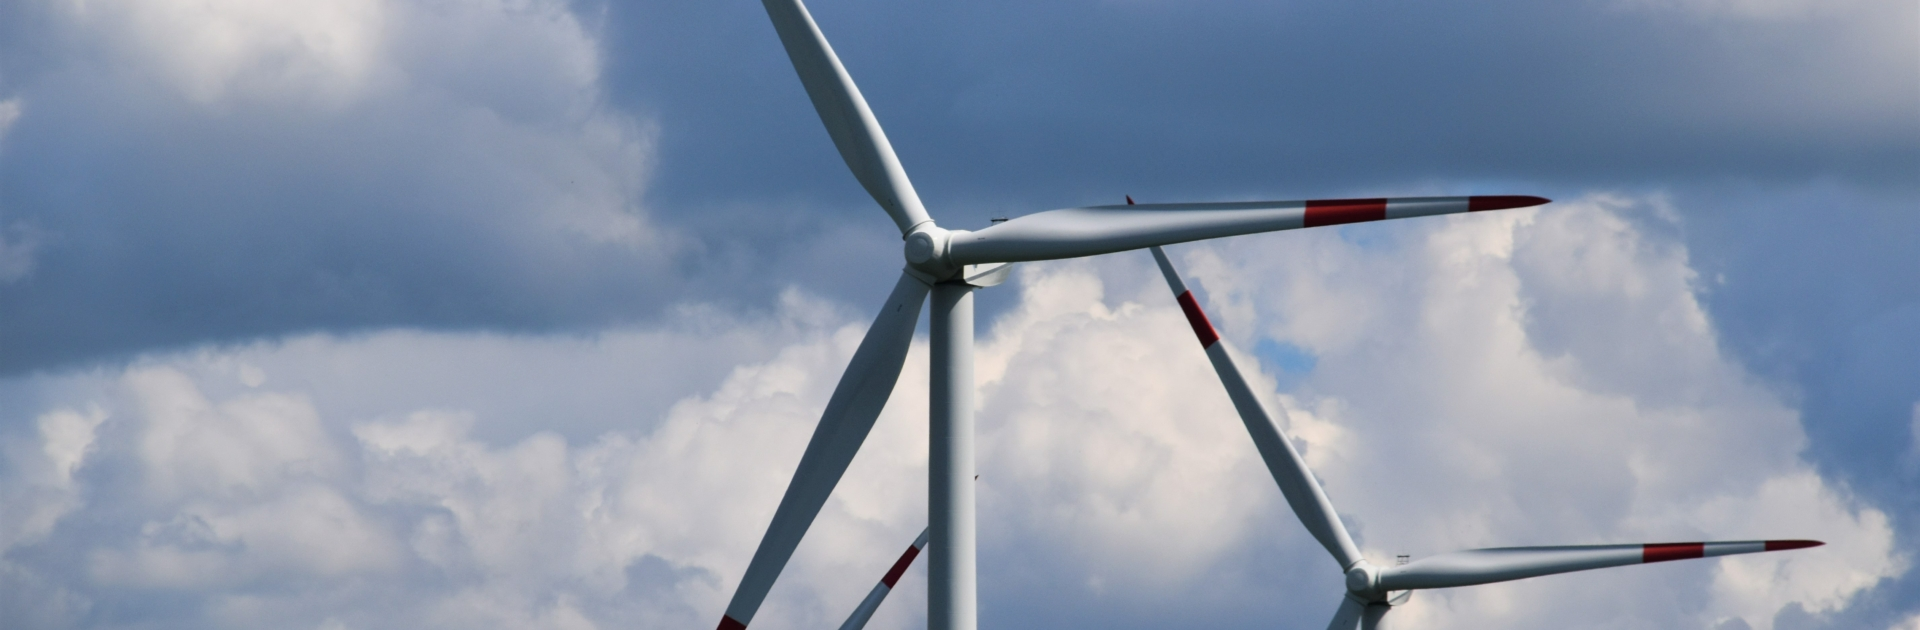 Smörjmedel för vindkraftverk